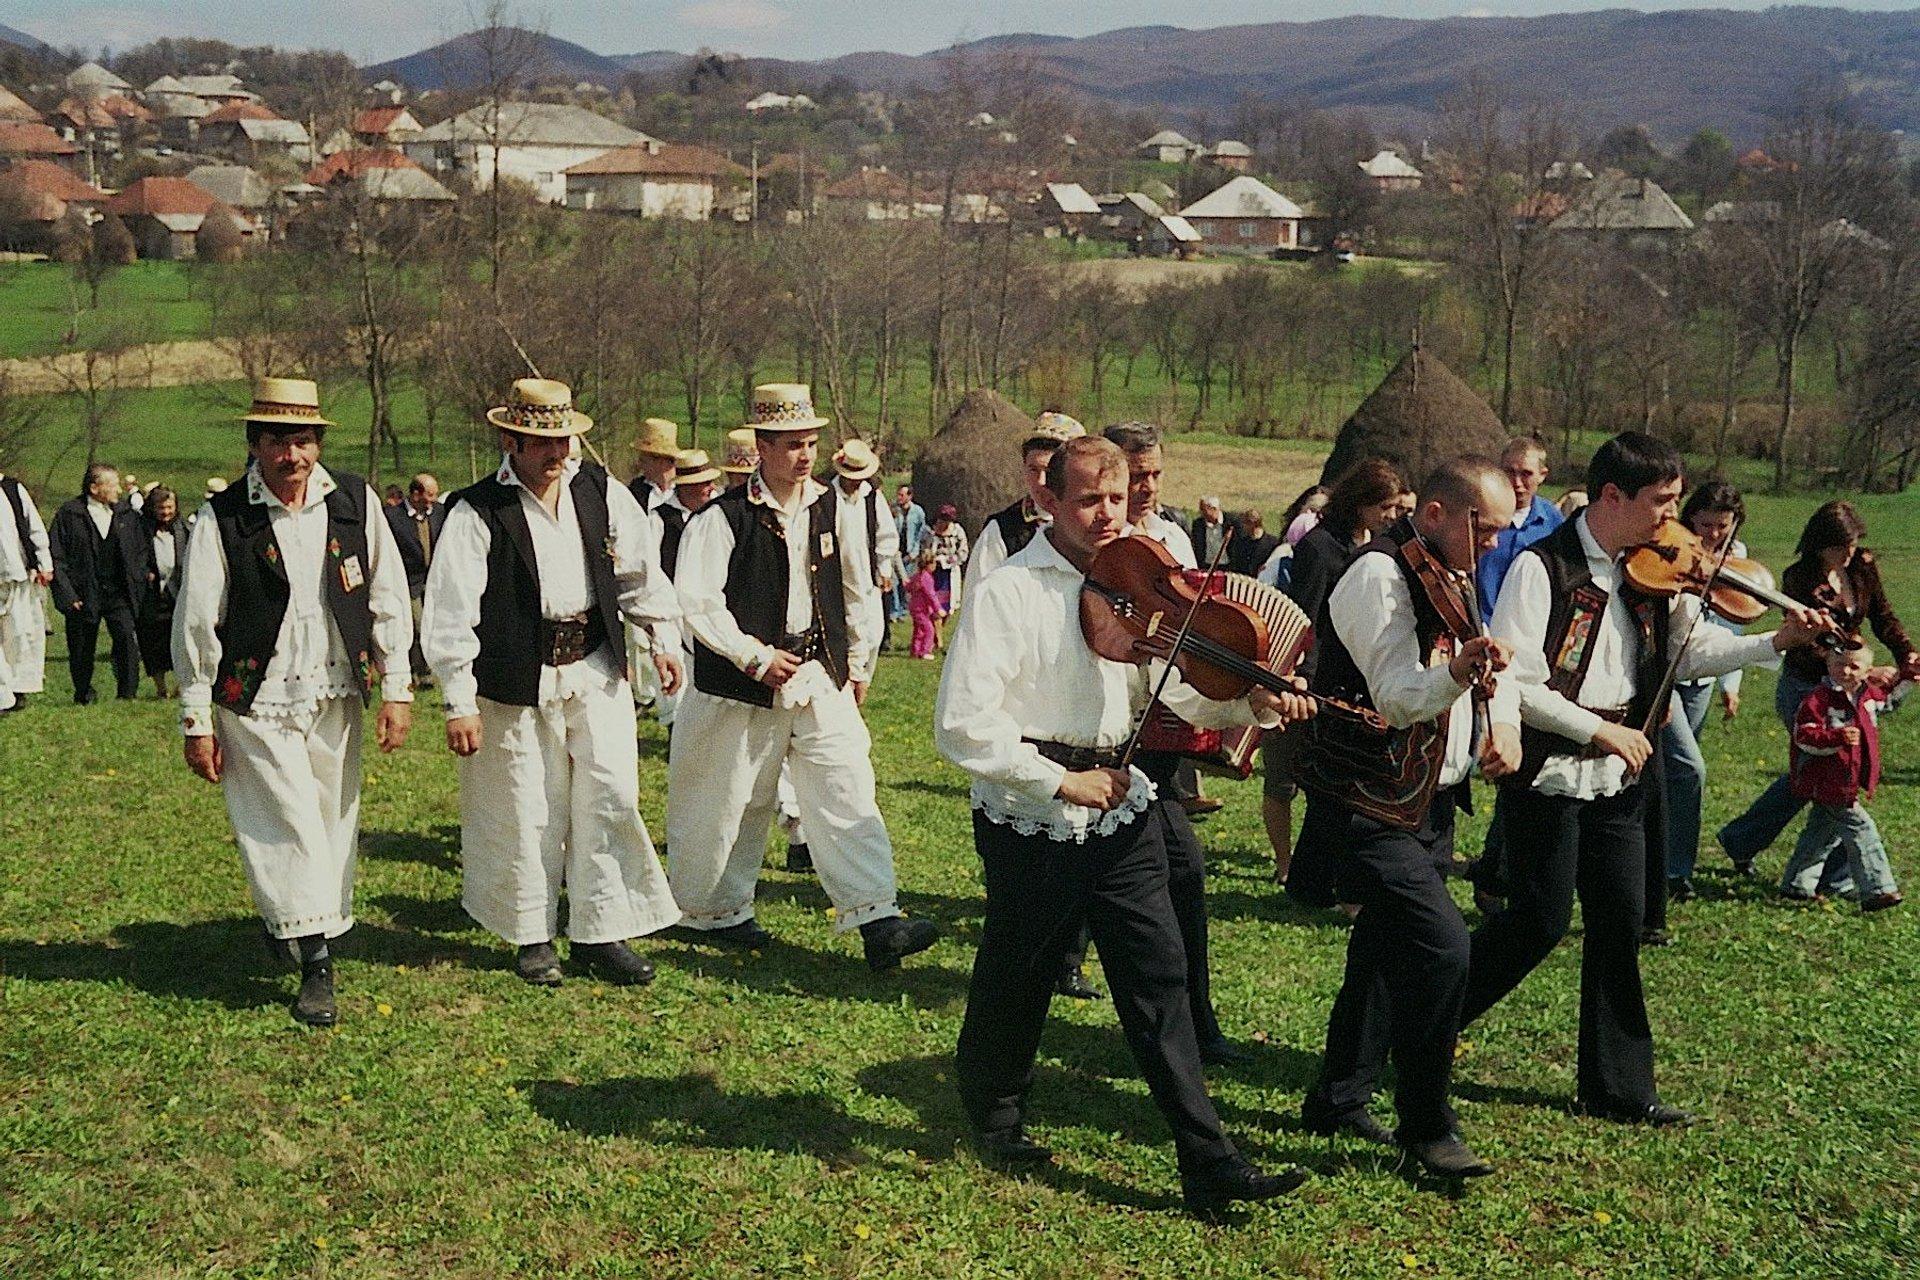 Udătoriu Festival in Romania 2020 - Best Time